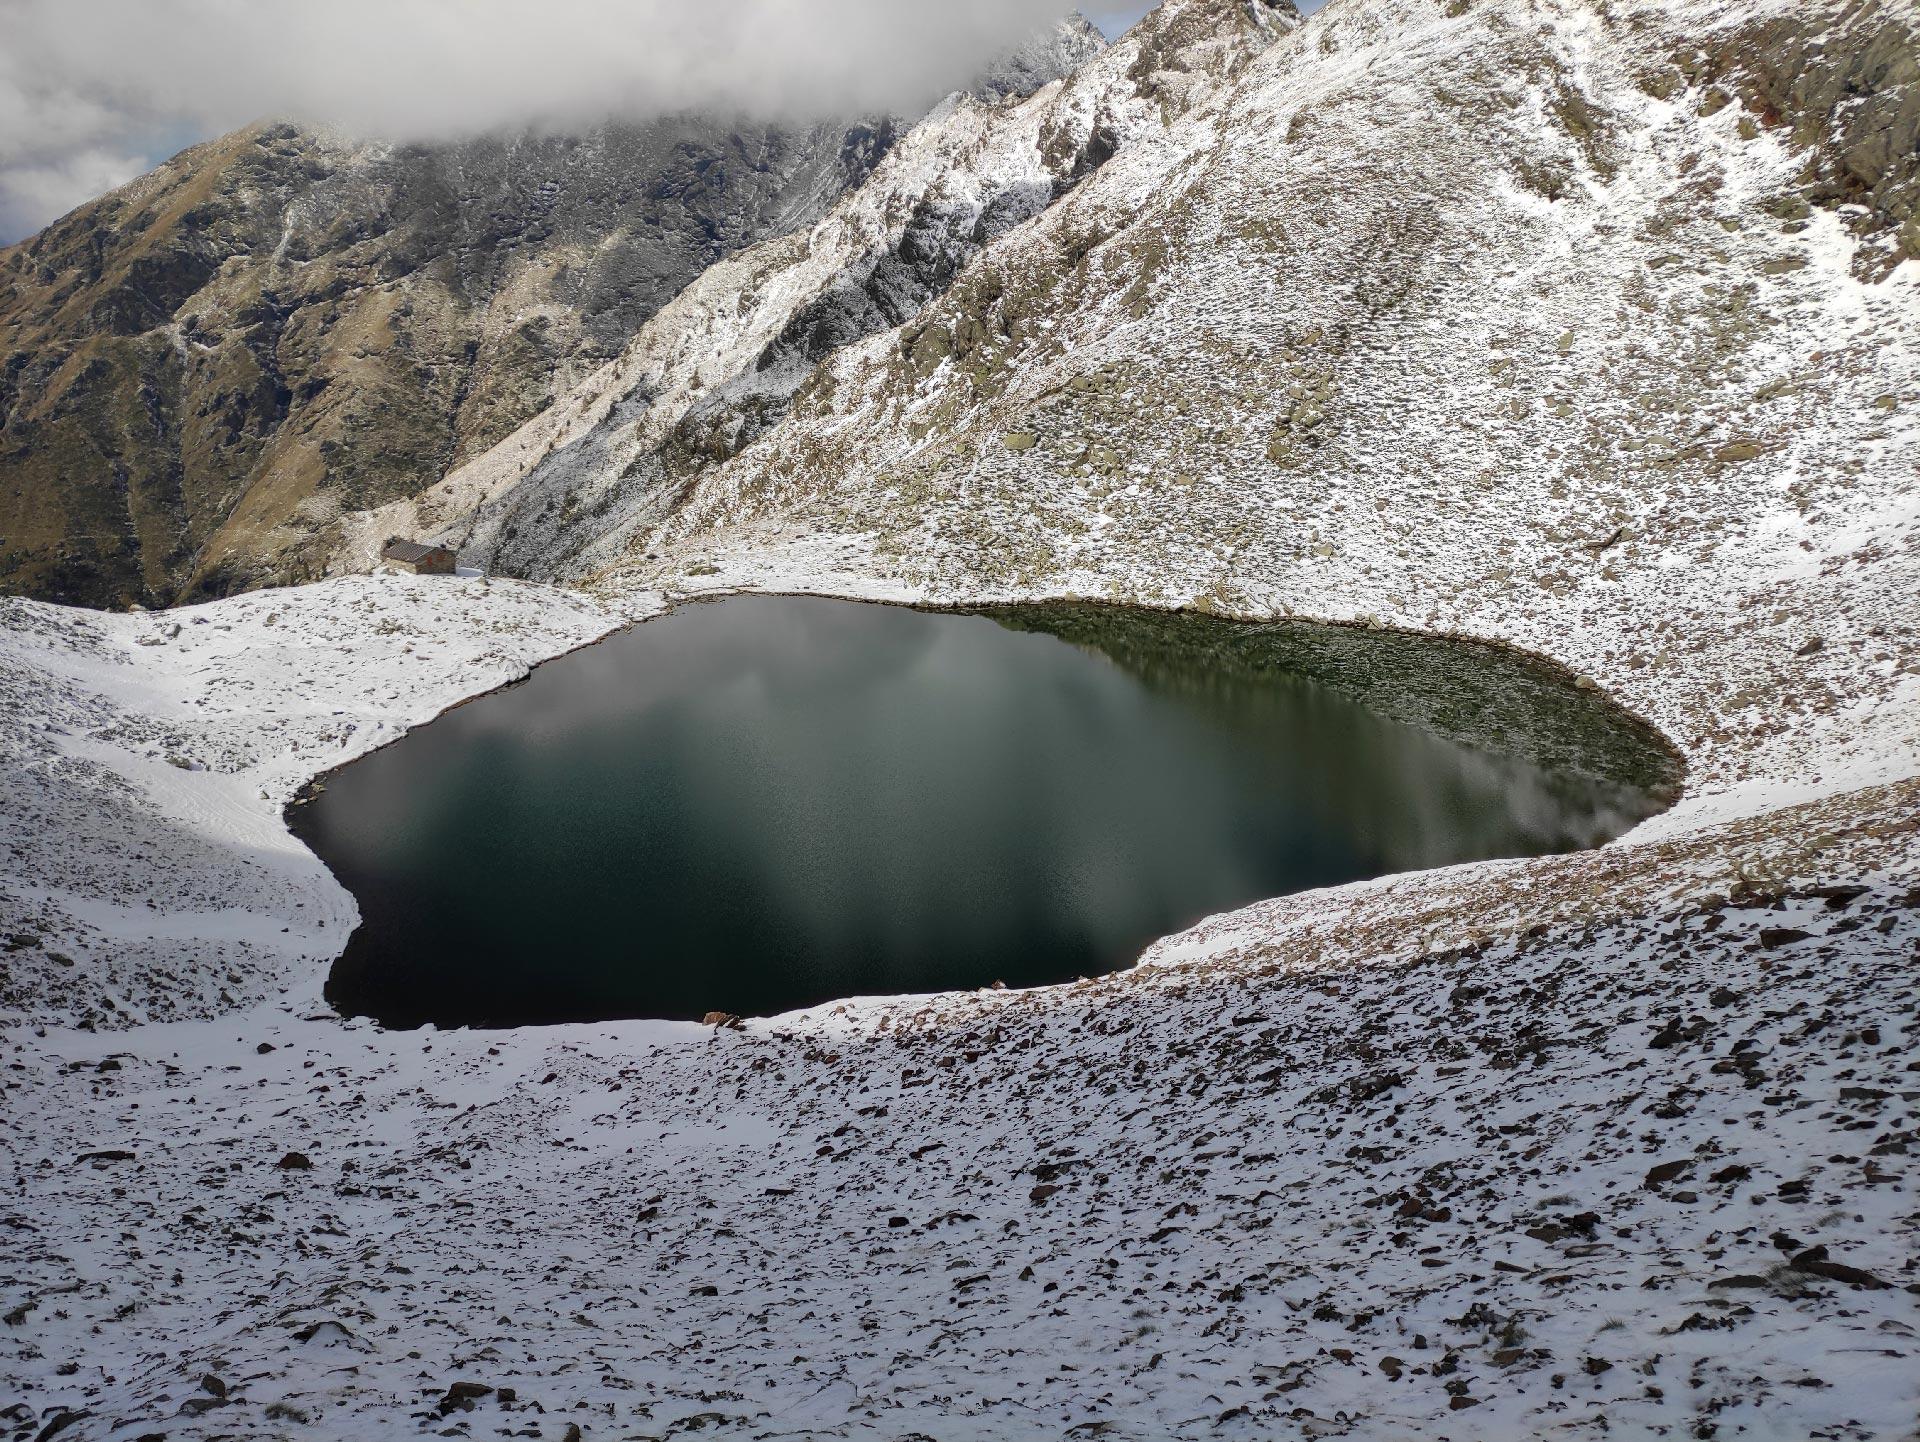 Veduta dall'alto del lago di Deleguaccio innevato, Valsassina, Lombardia